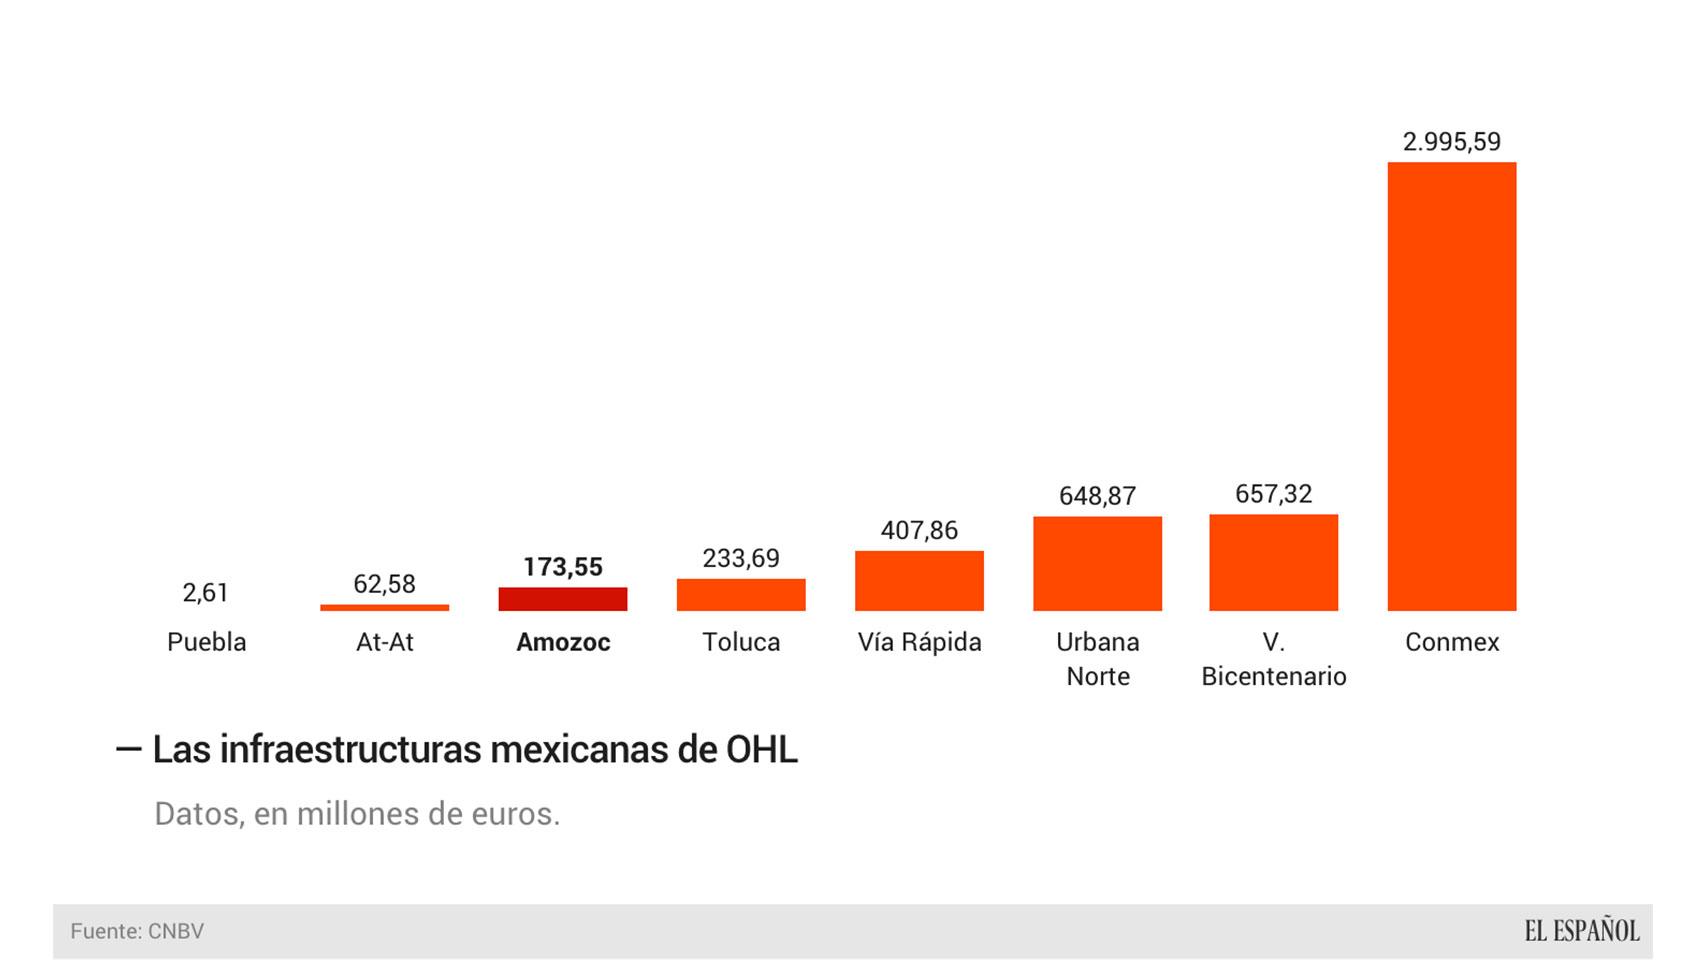 La inversión de OHL en México.